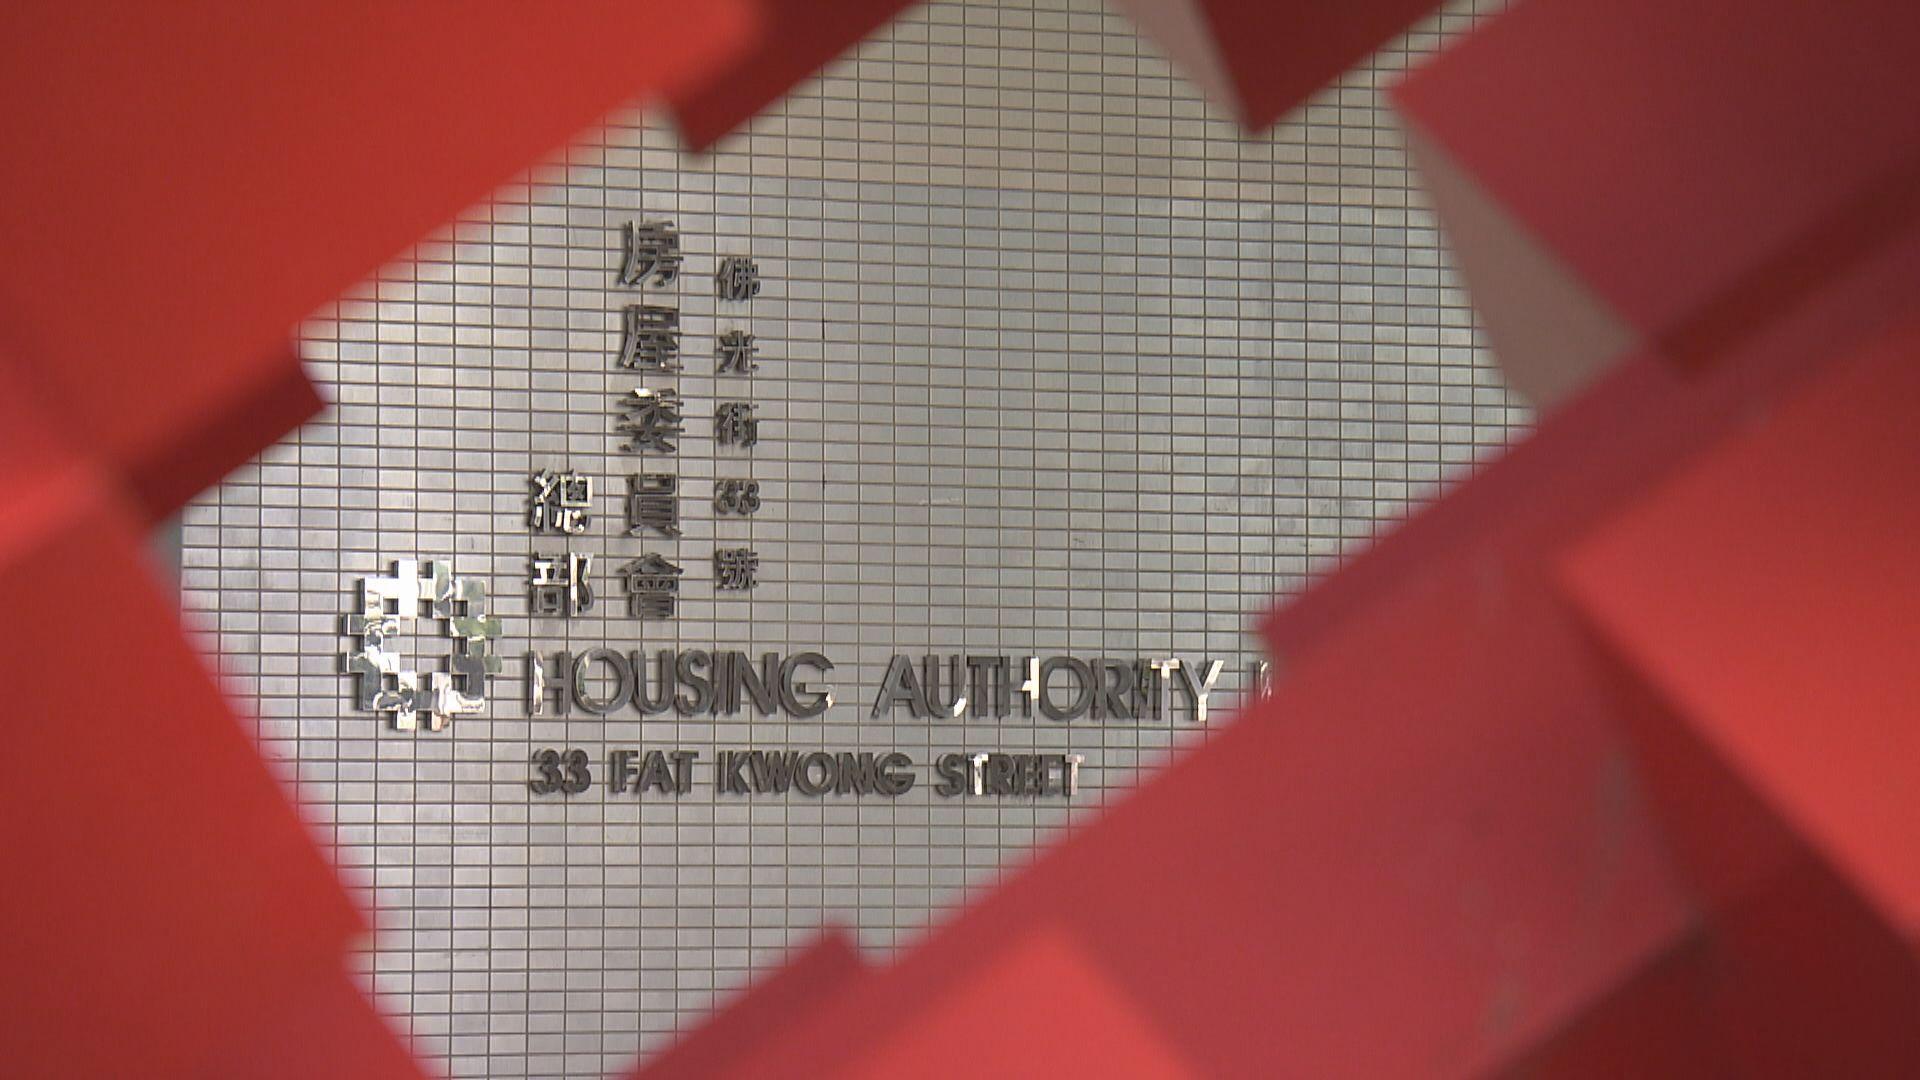 房屋署初選前去信議辦 指違租務條例會跟進